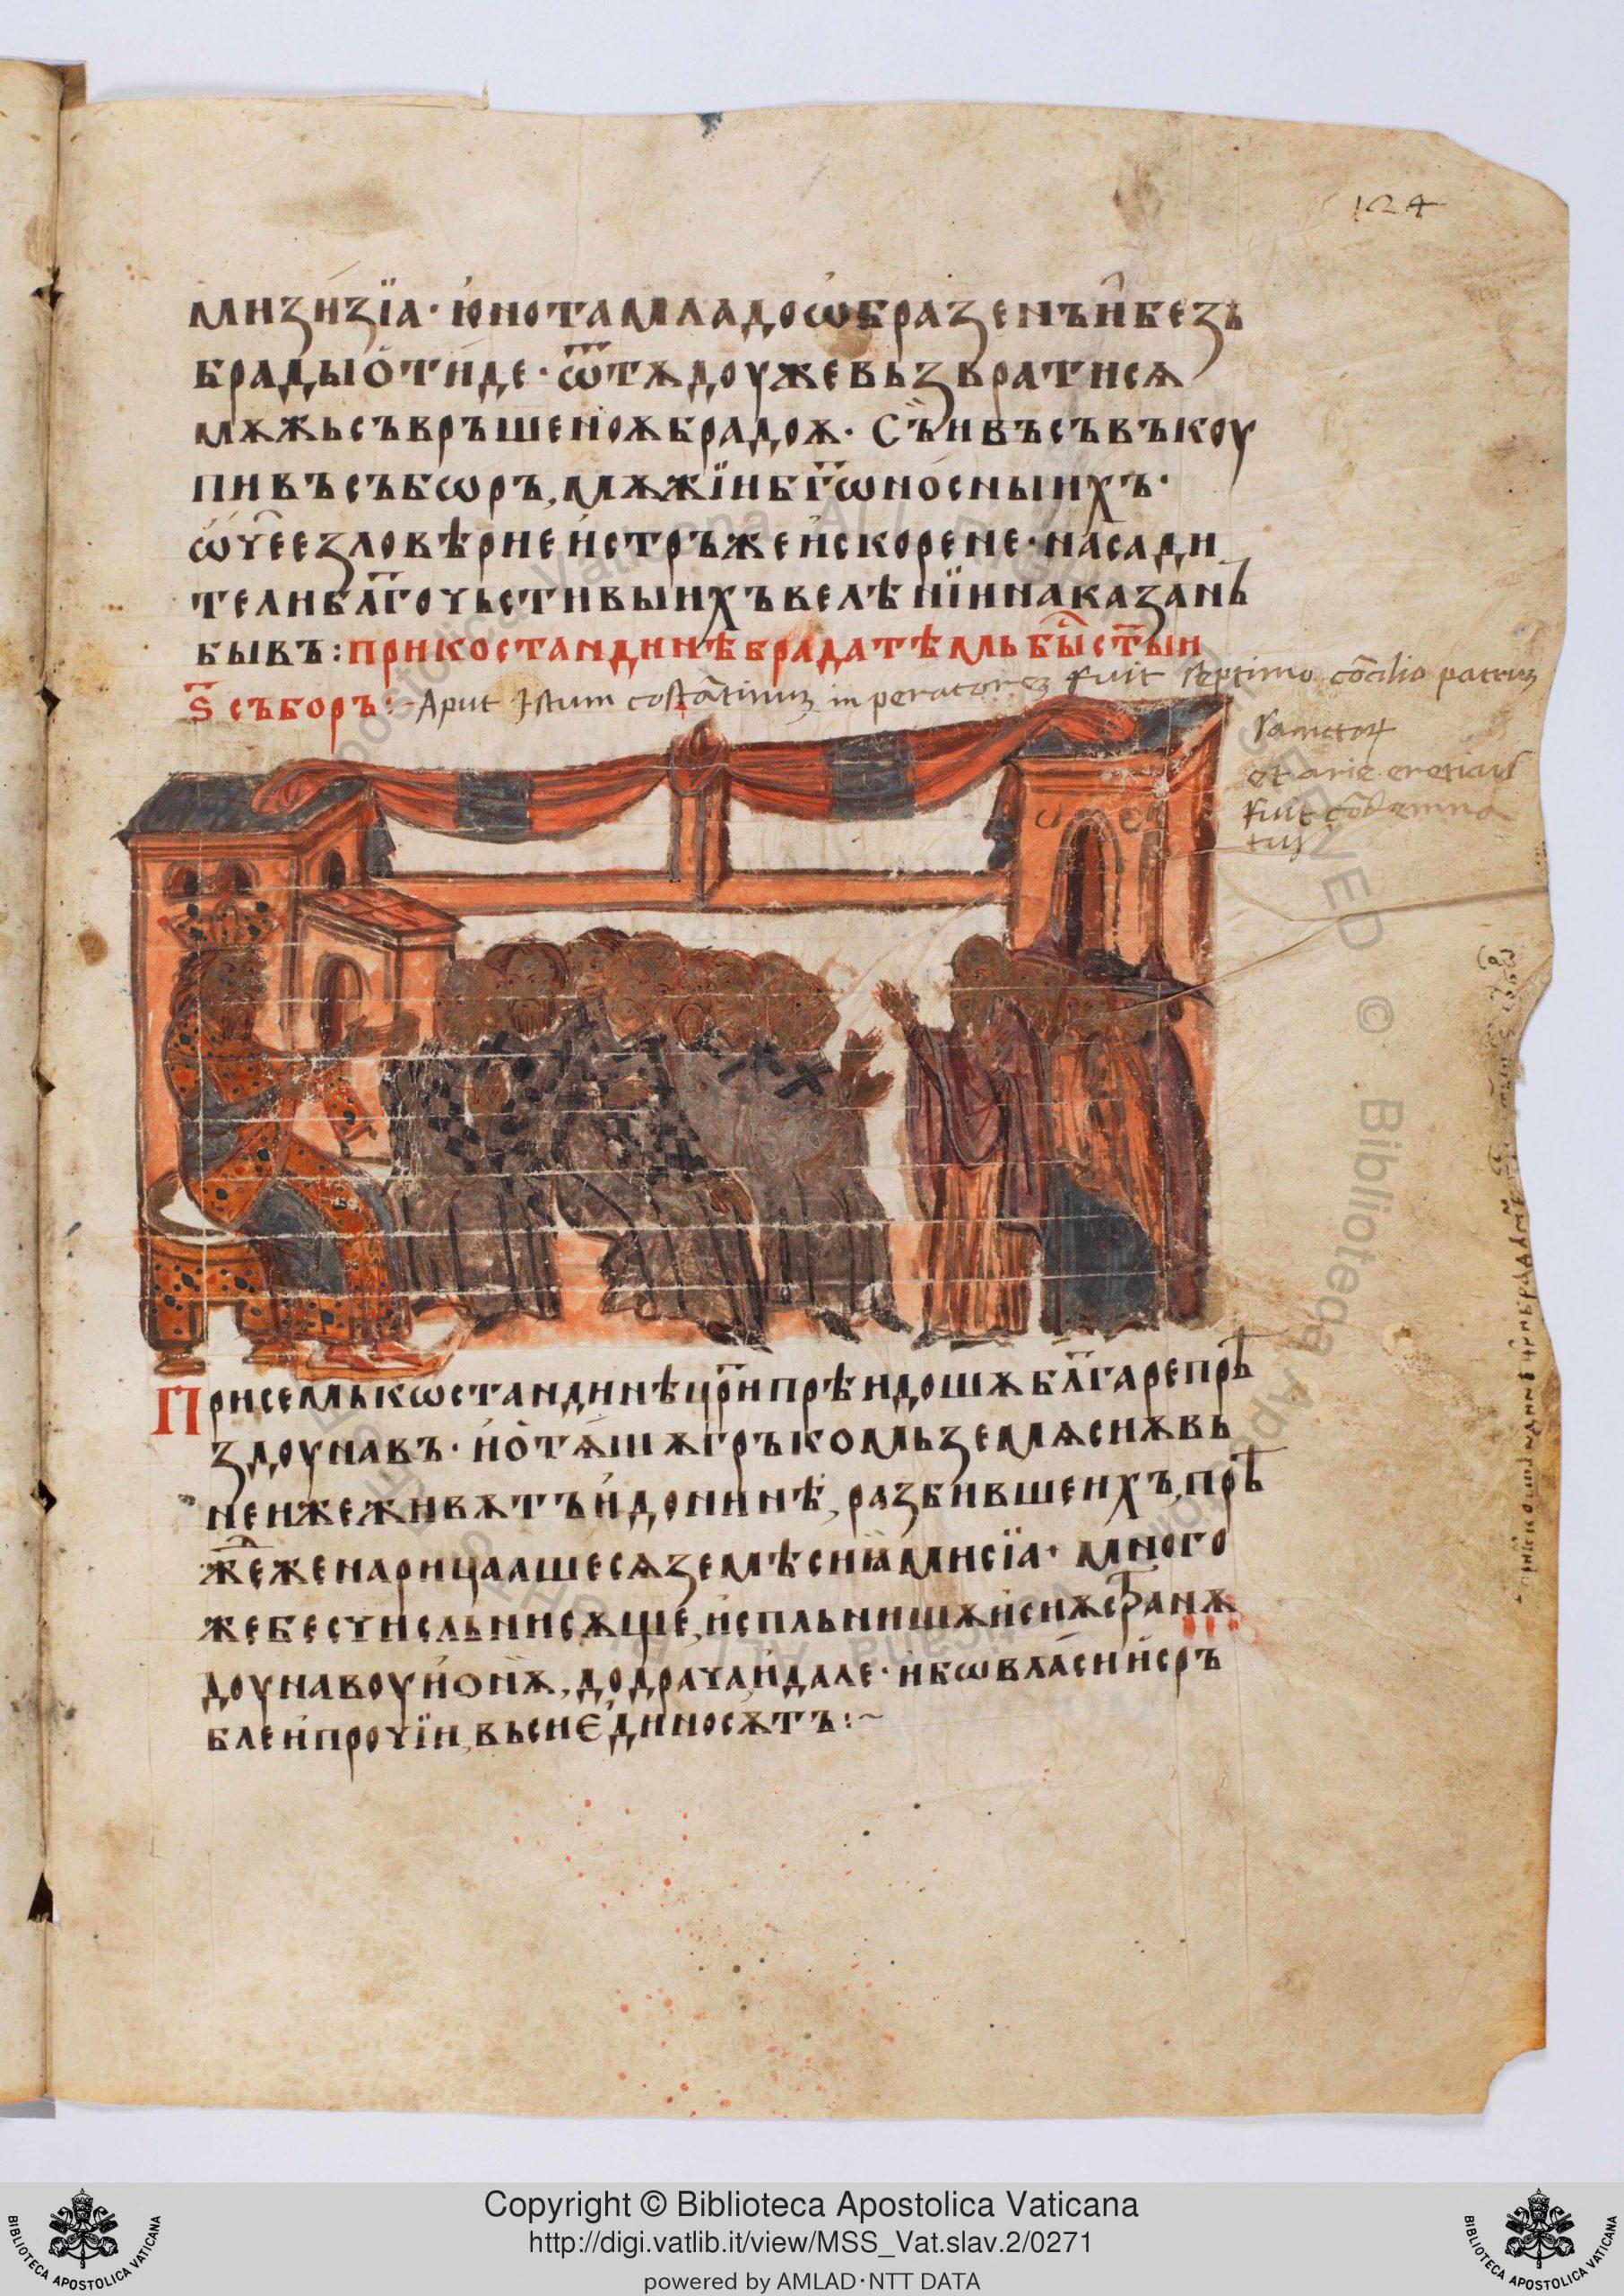 Sinodul VI Ecumenic. Miniatură din ms. Vatican Slav 2